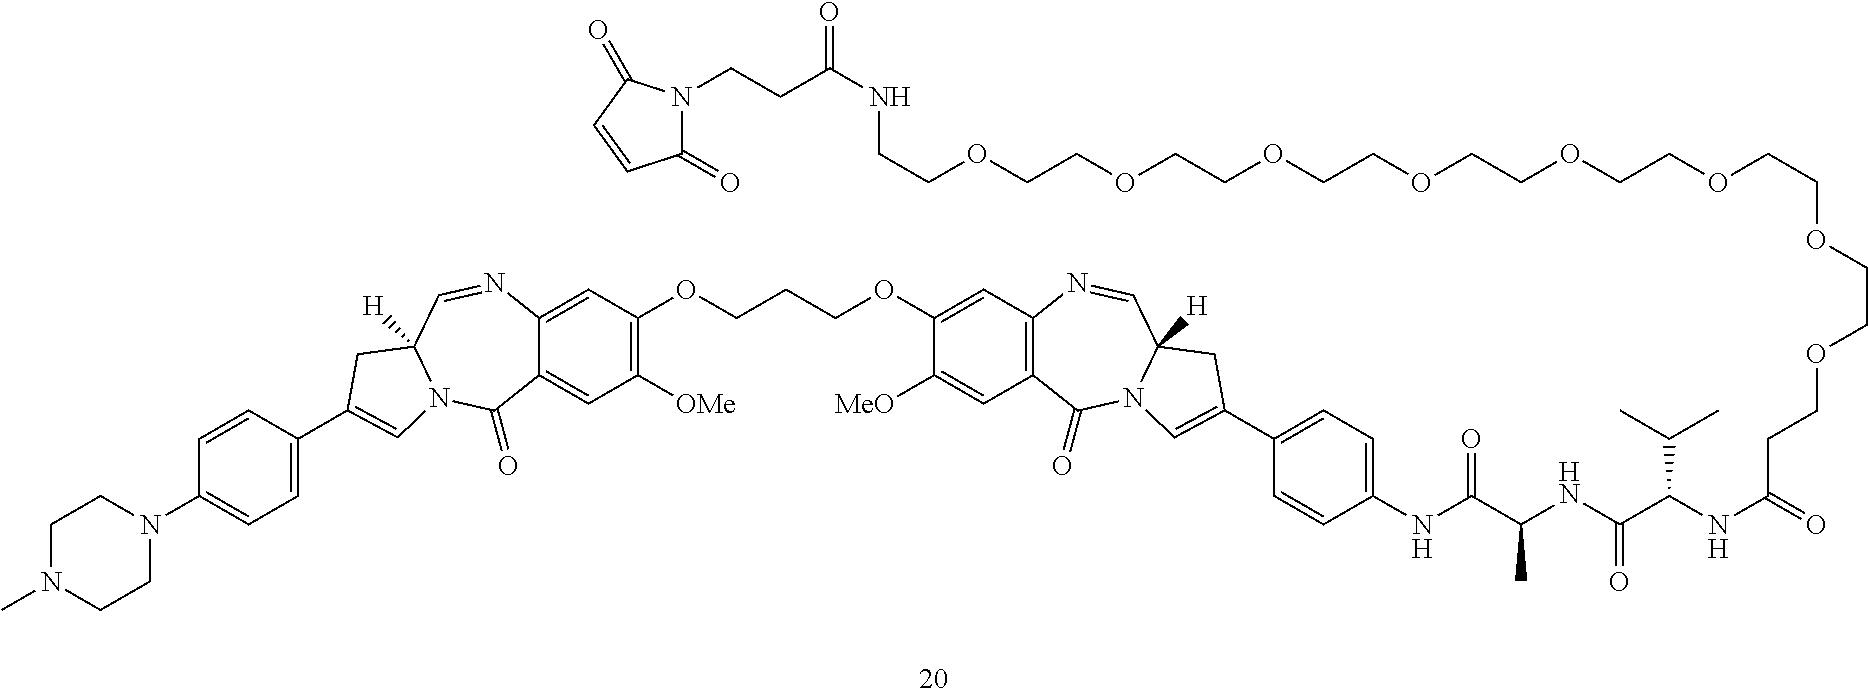 Figure US09956299-20180501-C00018